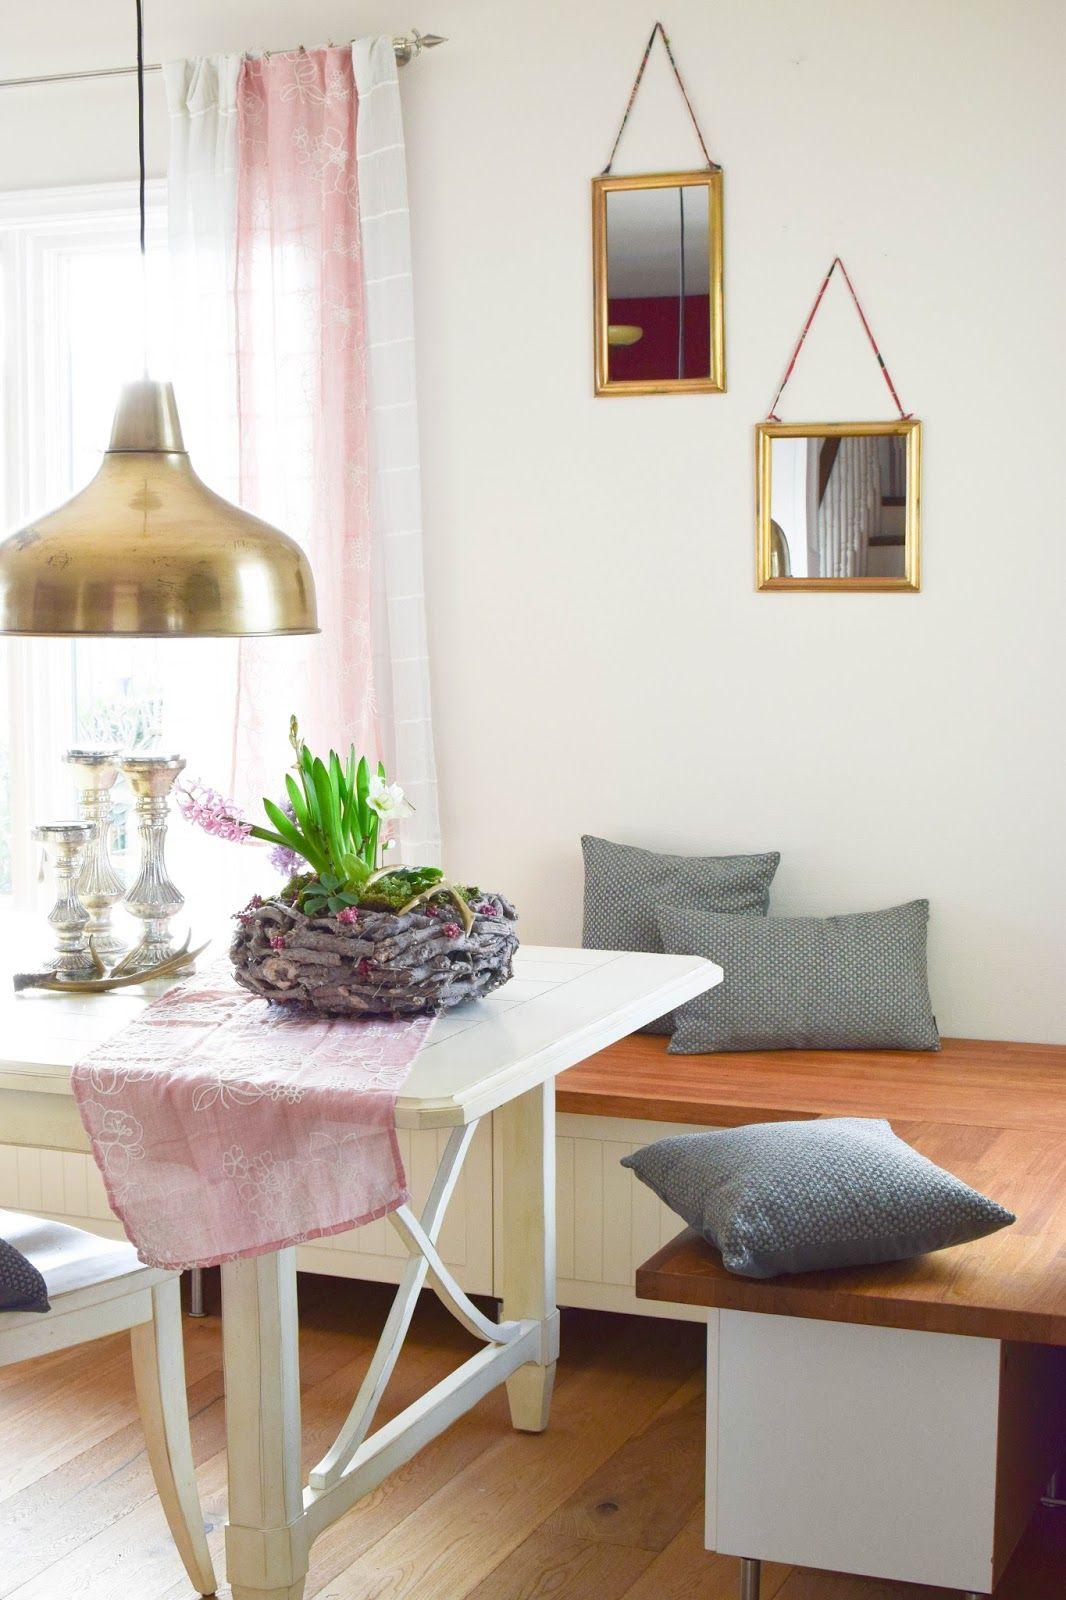 vorhang auf fr hling im esszimmer in 2019 mein blog eclectic hamilton dekoideen diy und. Black Bedroom Furniture Sets. Home Design Ideas